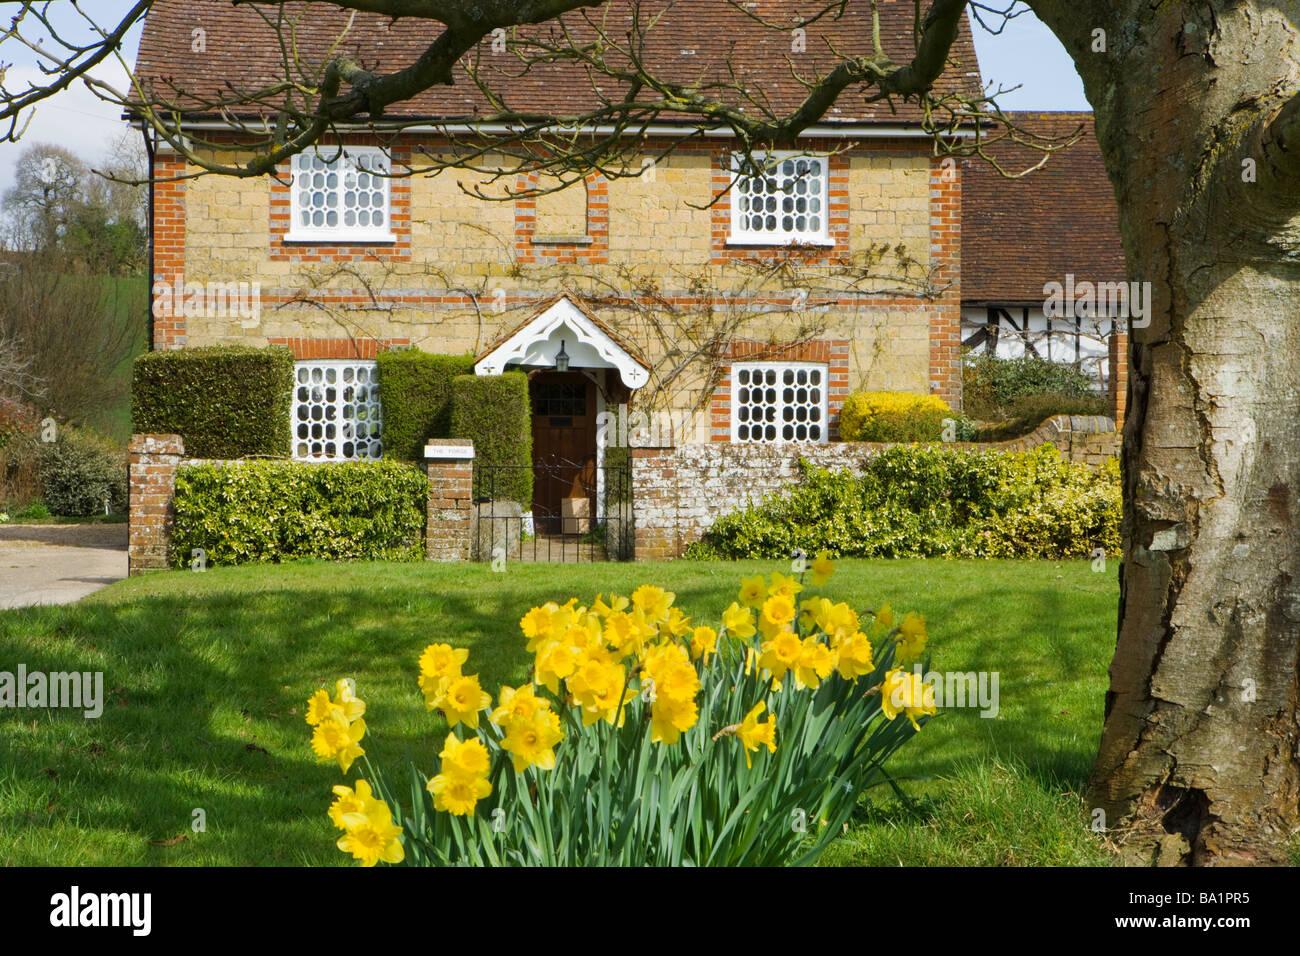 Ferienhaus und Narzissen. Shamley Green, Surrey, UK Stockbild